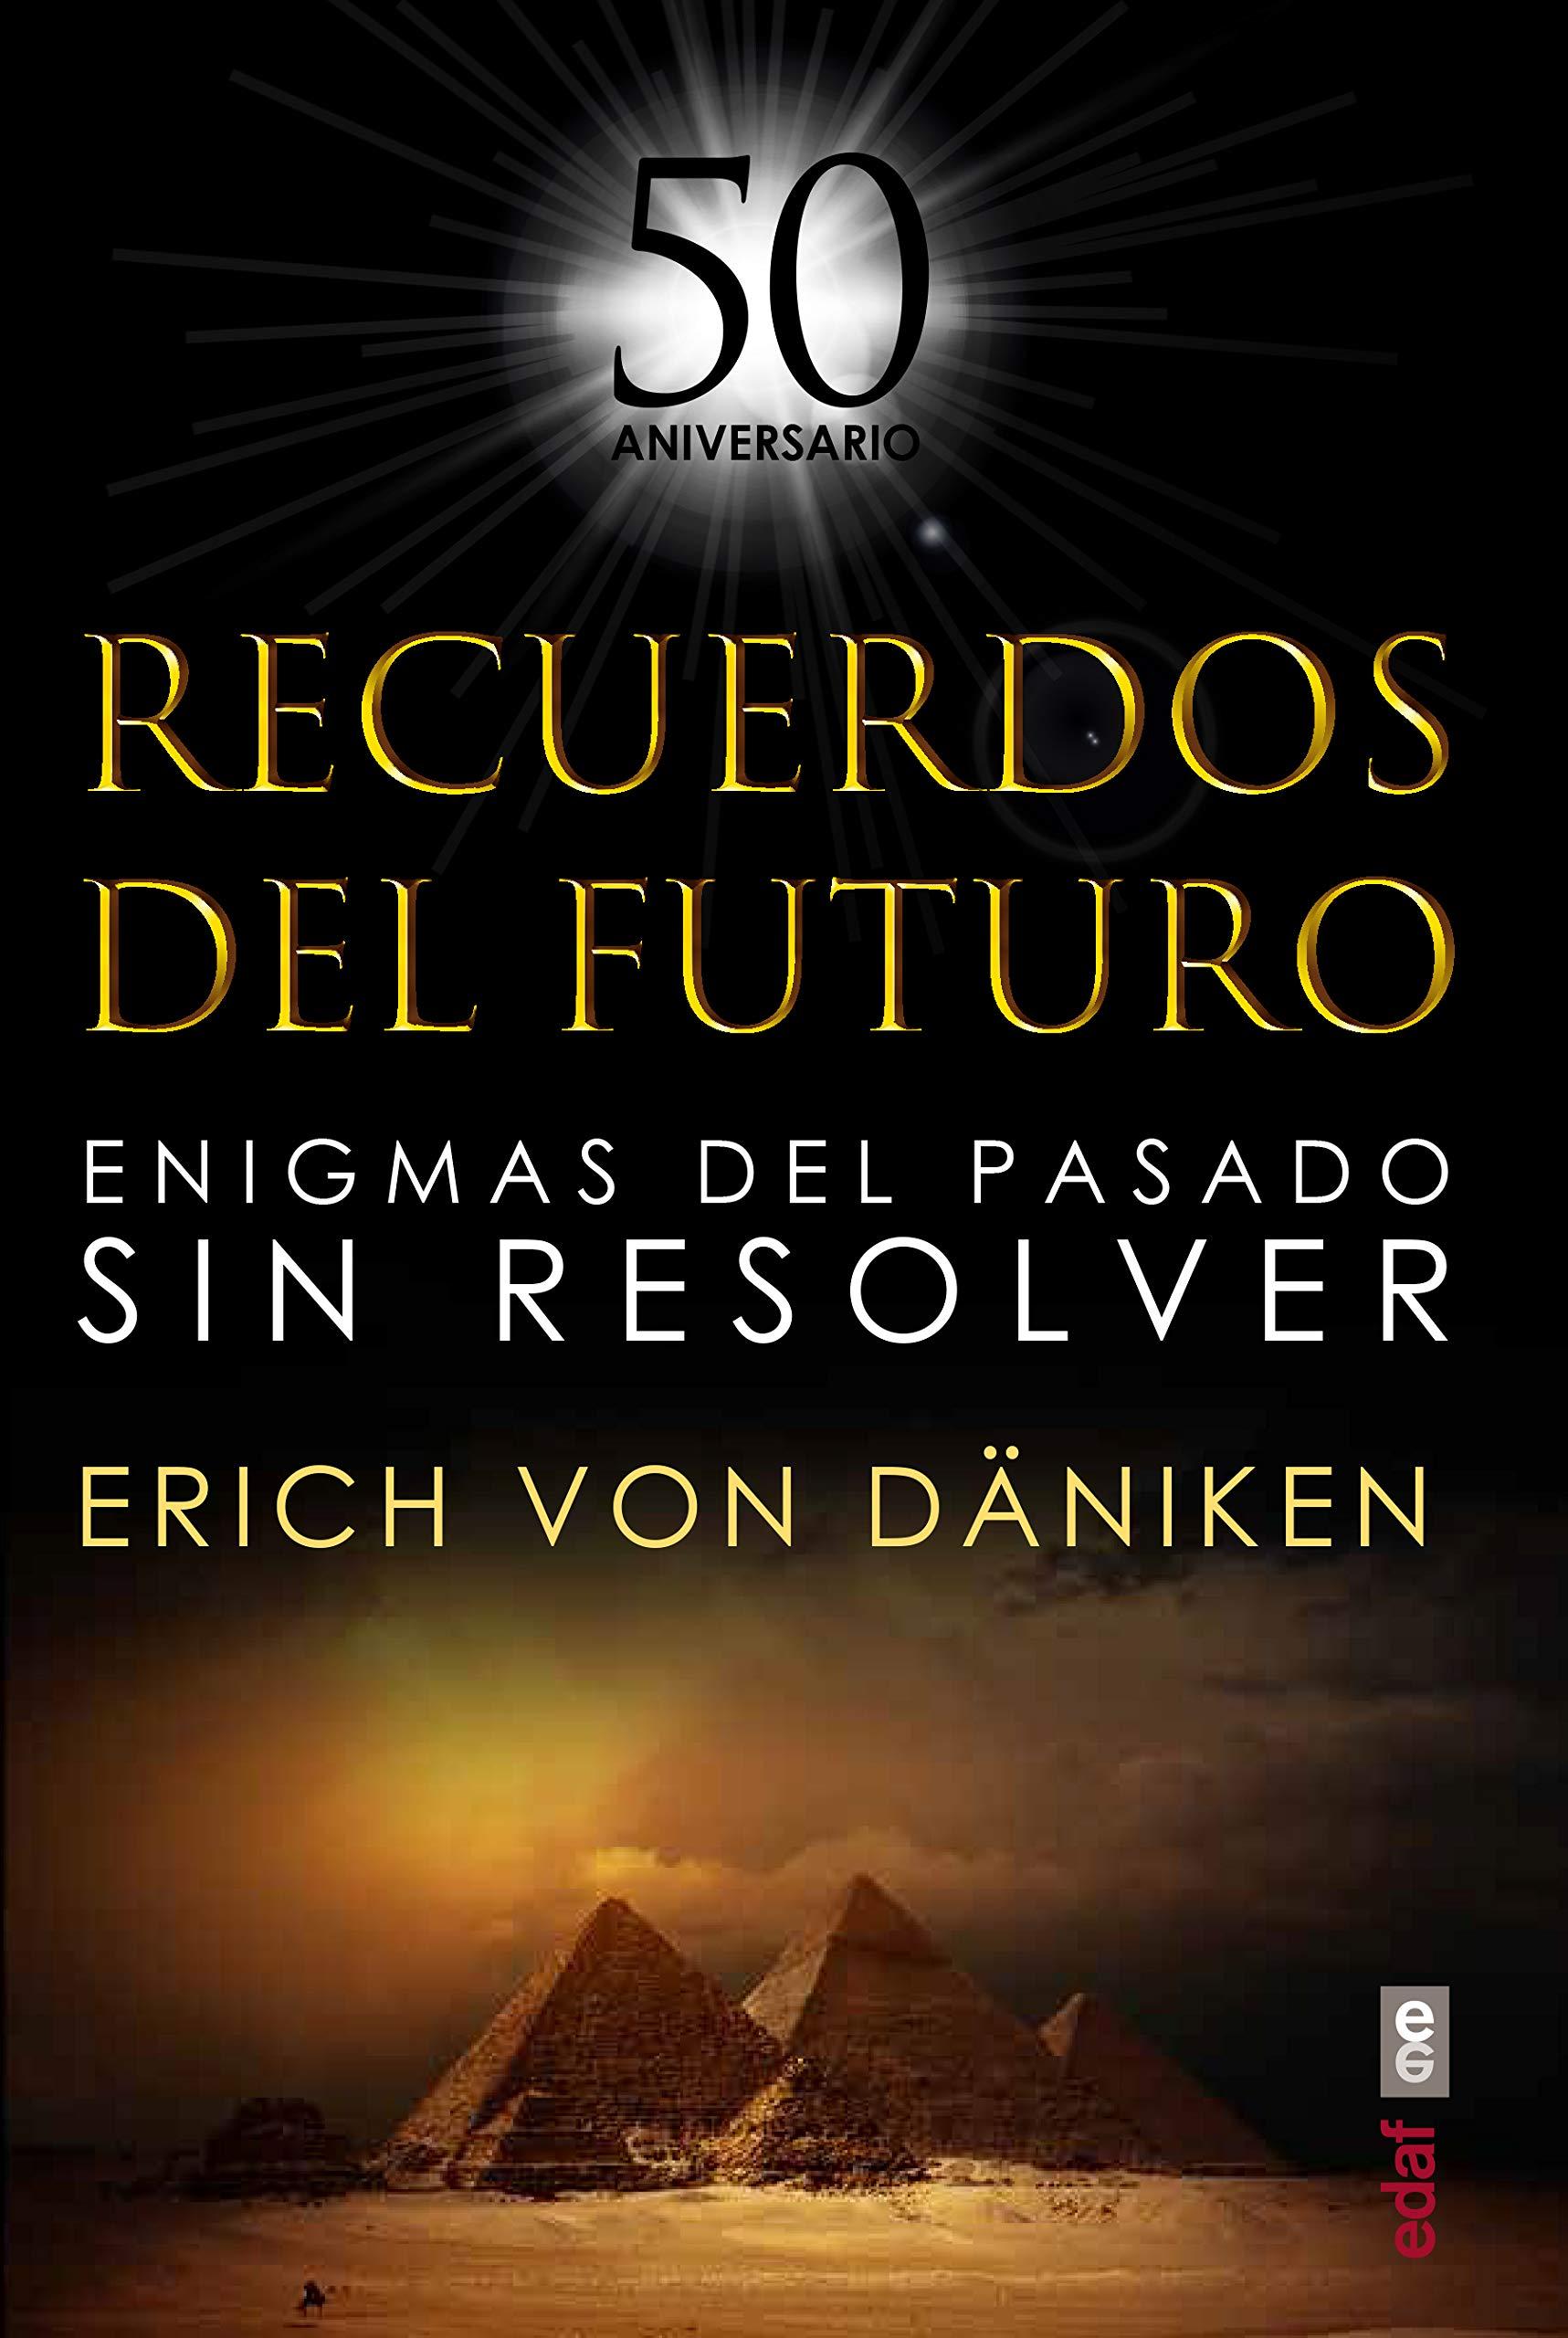 Recuerdos Del Futuro Enigmas Del Pasado Sin Resolver Mundo Mágico Y Heterodoxo Daniken Eric Von Amazon De Bücher